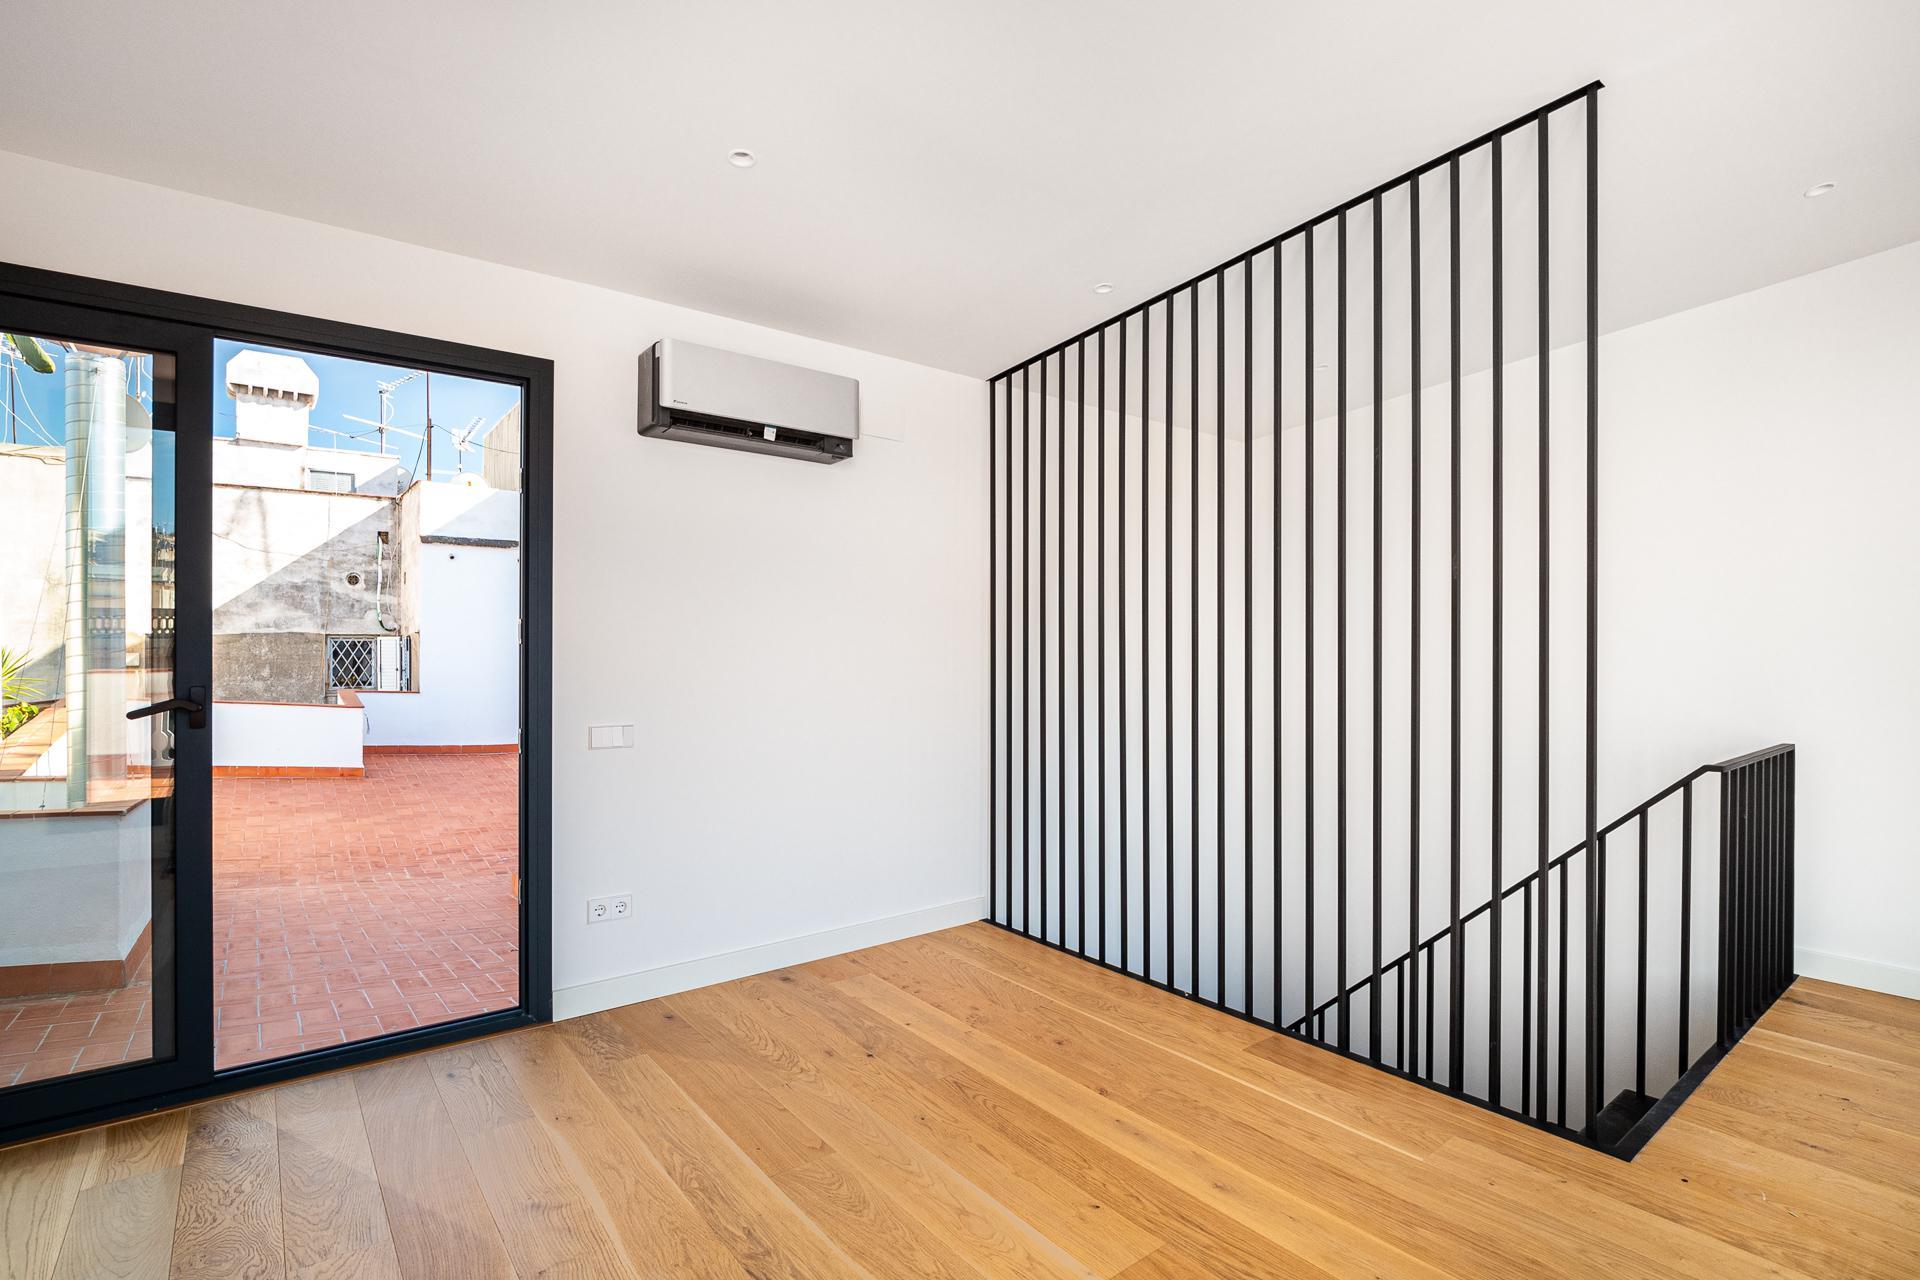 245902 Penthouse for sale in Ciutat Vella, St. Pere St. Caterina and La Ribera 5